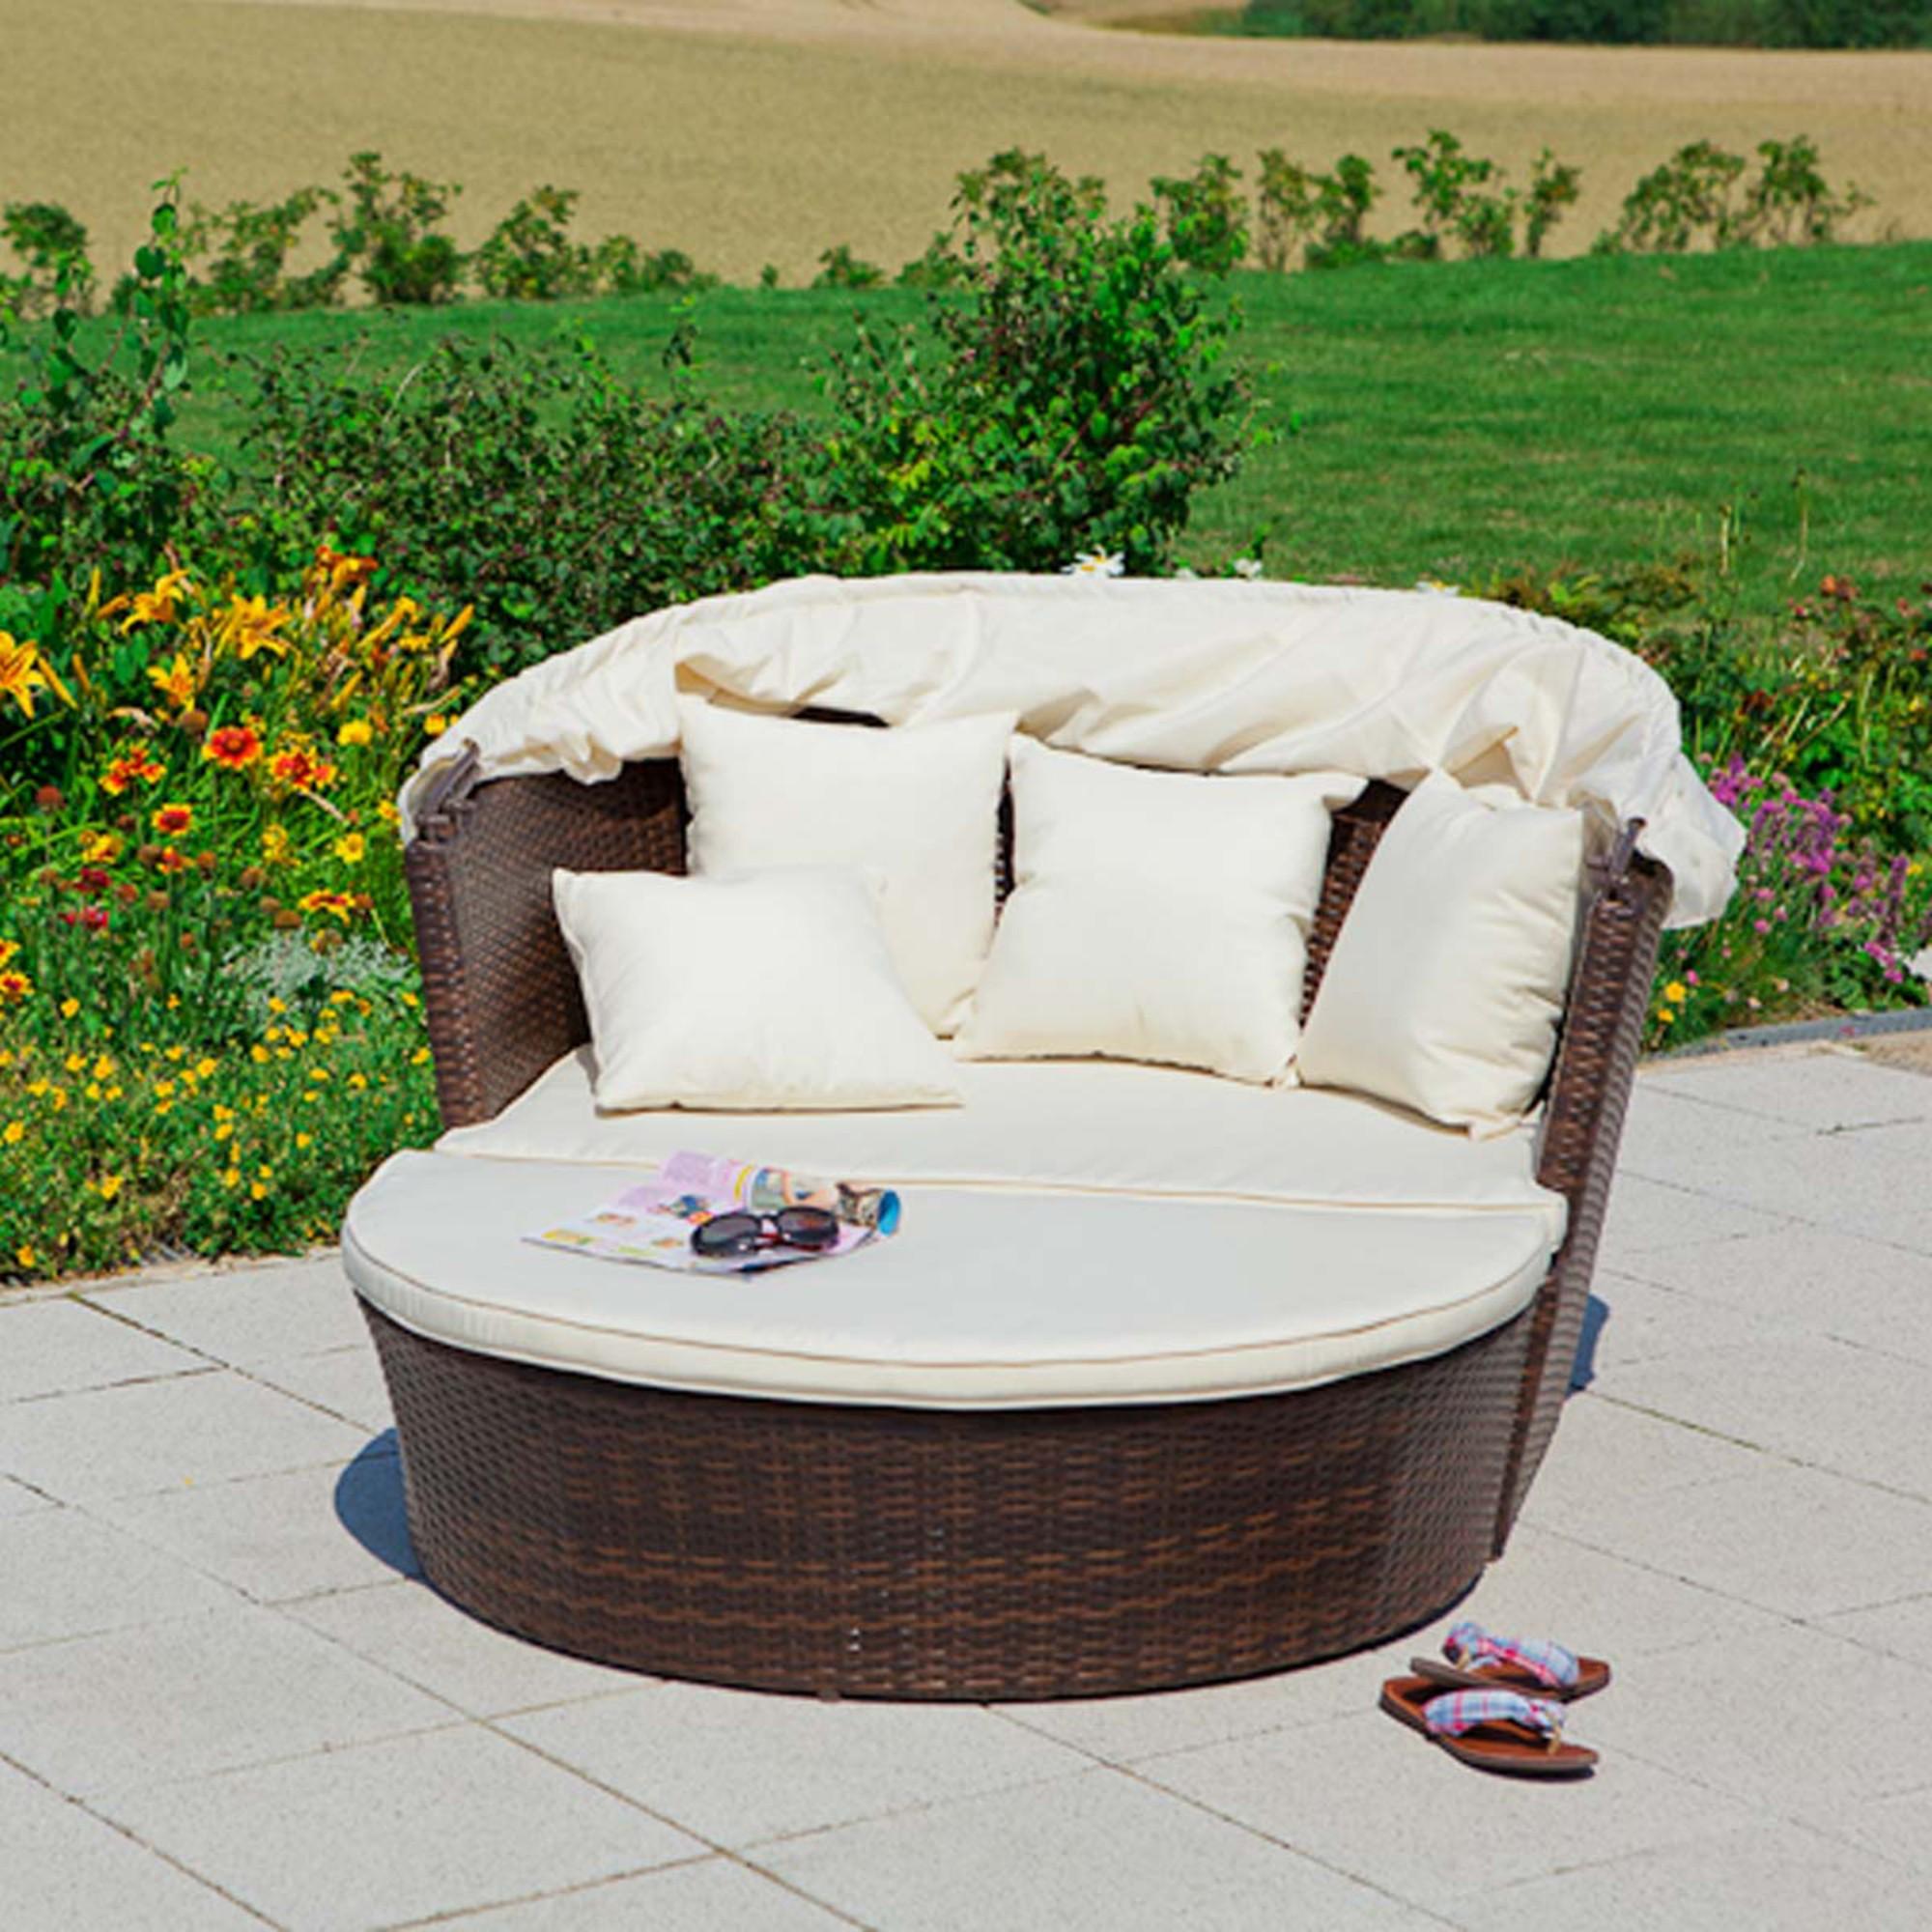 Full Size of Garten Loungemöbel Günstig Creative Living Aurora Dininglounge 3teilig Geflecht Freizeit Wohnen Und Abo Trennwände Ausziehtisch Sichtschutz Günstige Garten Garten Loungemöbel Günstig